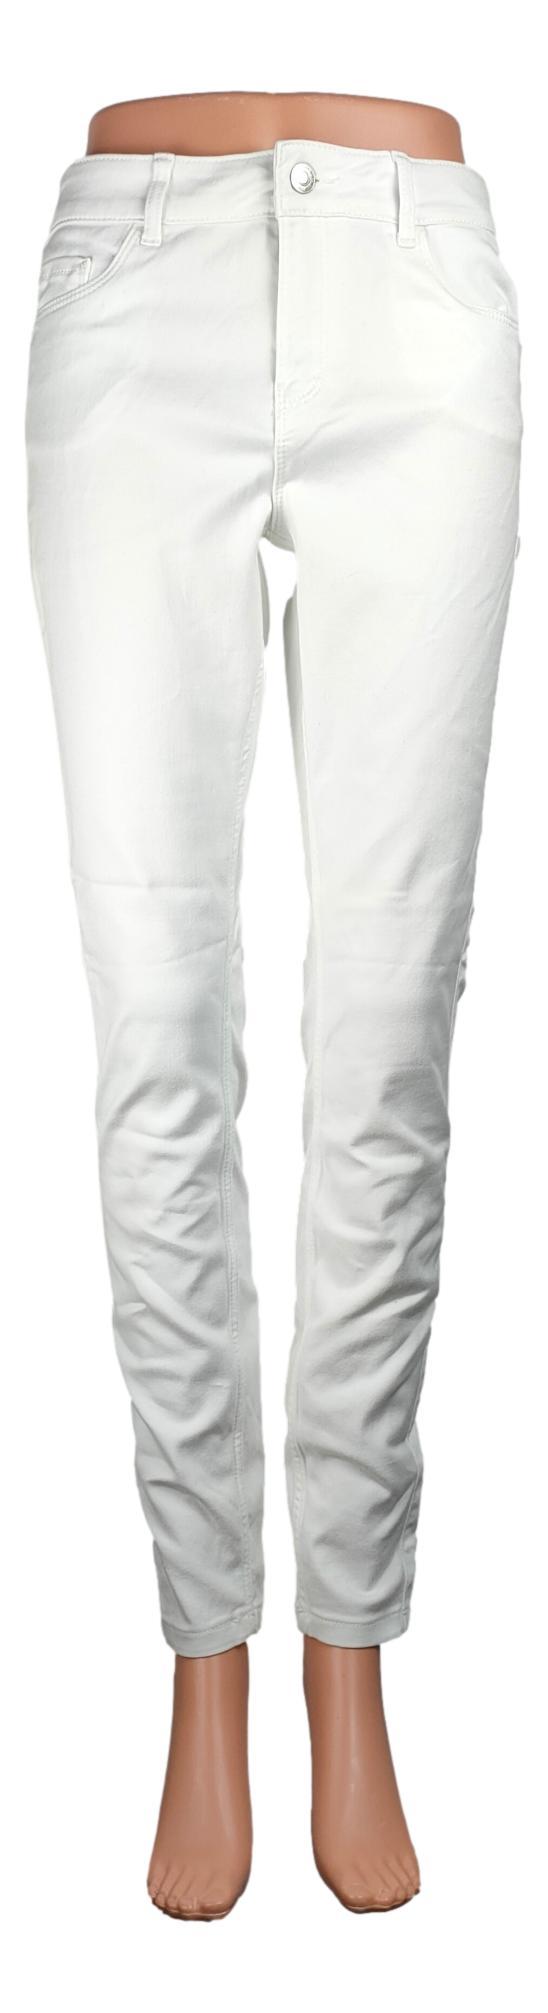 Jean Vero Moda - Taille 42